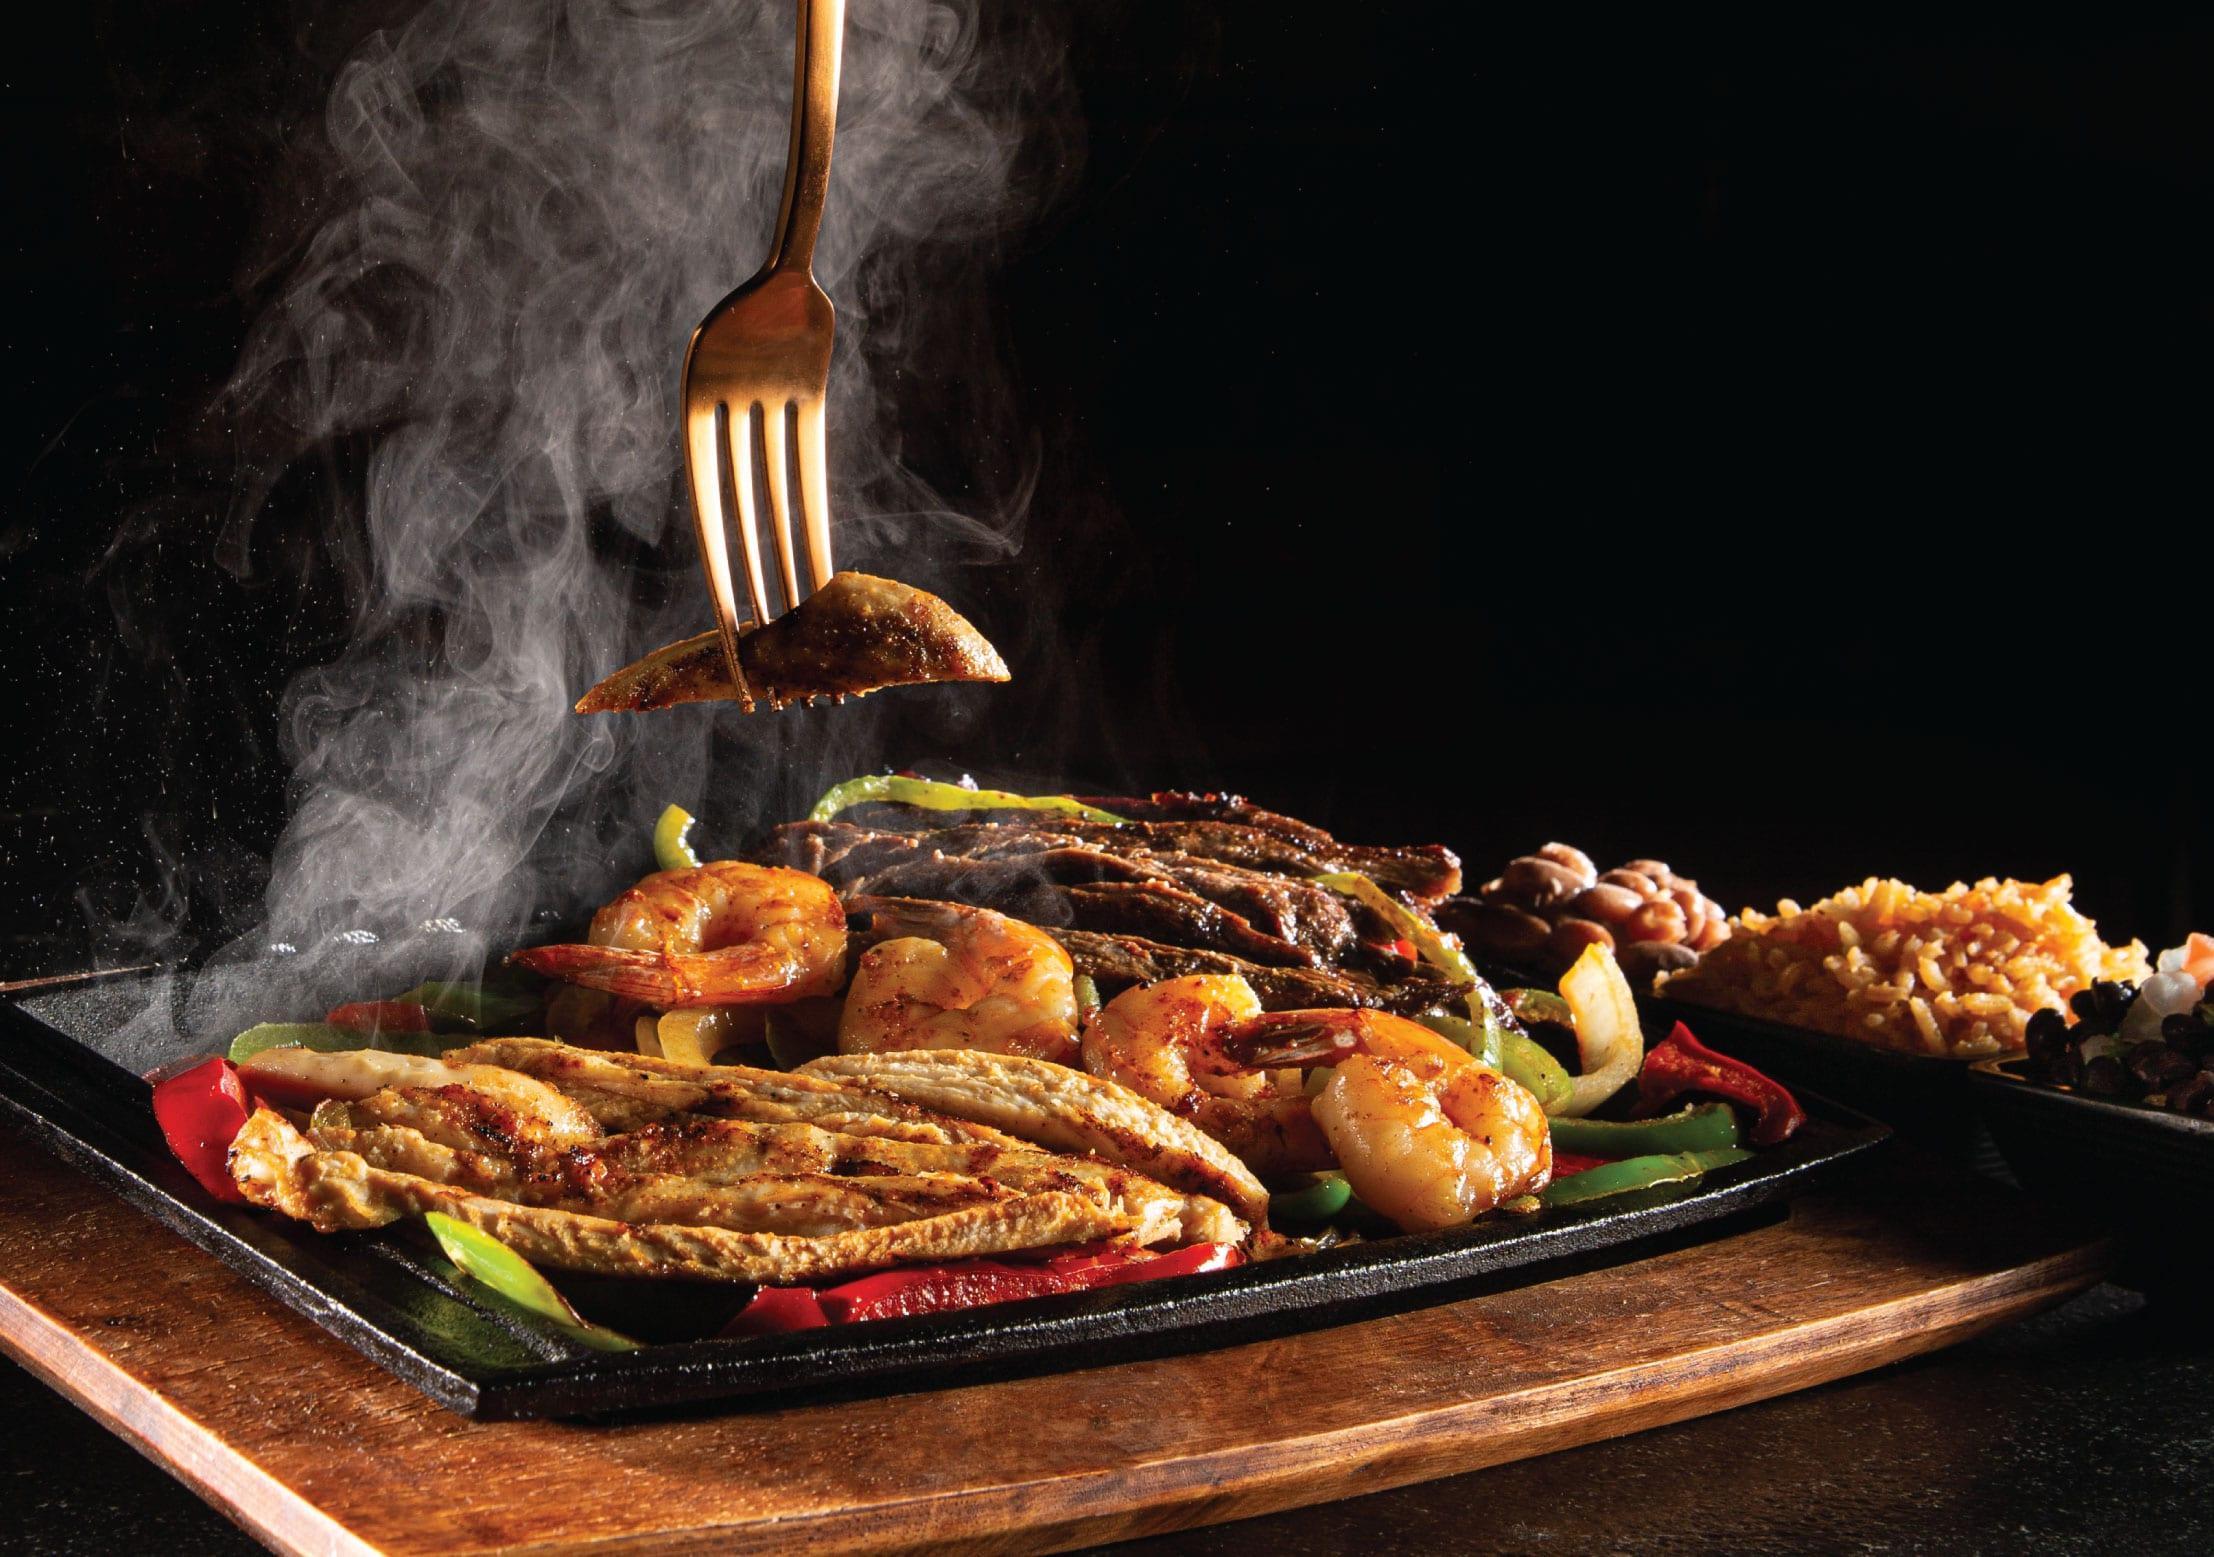 chihuahuas dinner plate